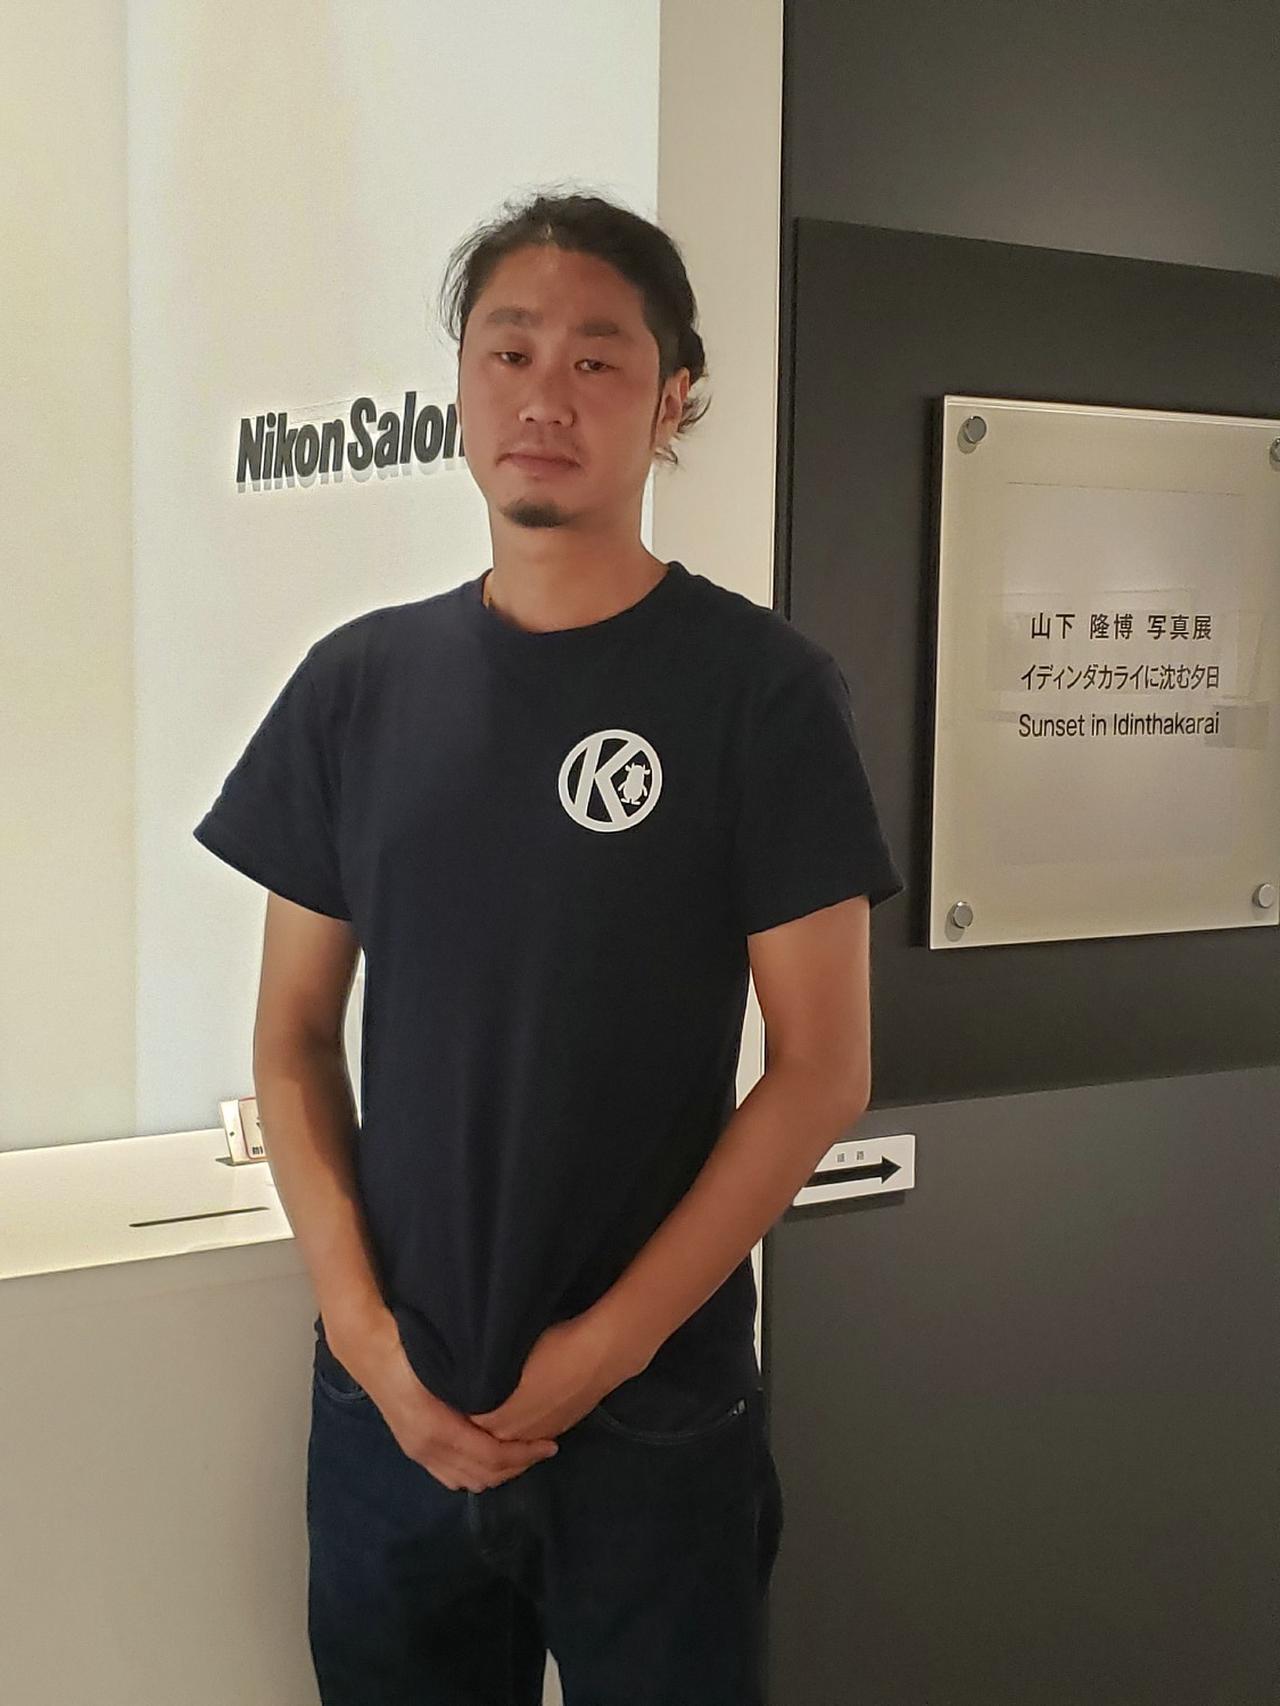 画像: 写真家の山下隆博さん。今日、着ているTシャツは北海道木古内町のご当地Tシャツ。訪れた地のご当地Tシャツを着るのが好きとチャーミングな笑顔を見せてくださった山下さんでした。会場では山下さんのポートフォリオや写真集もご覧いただけます。